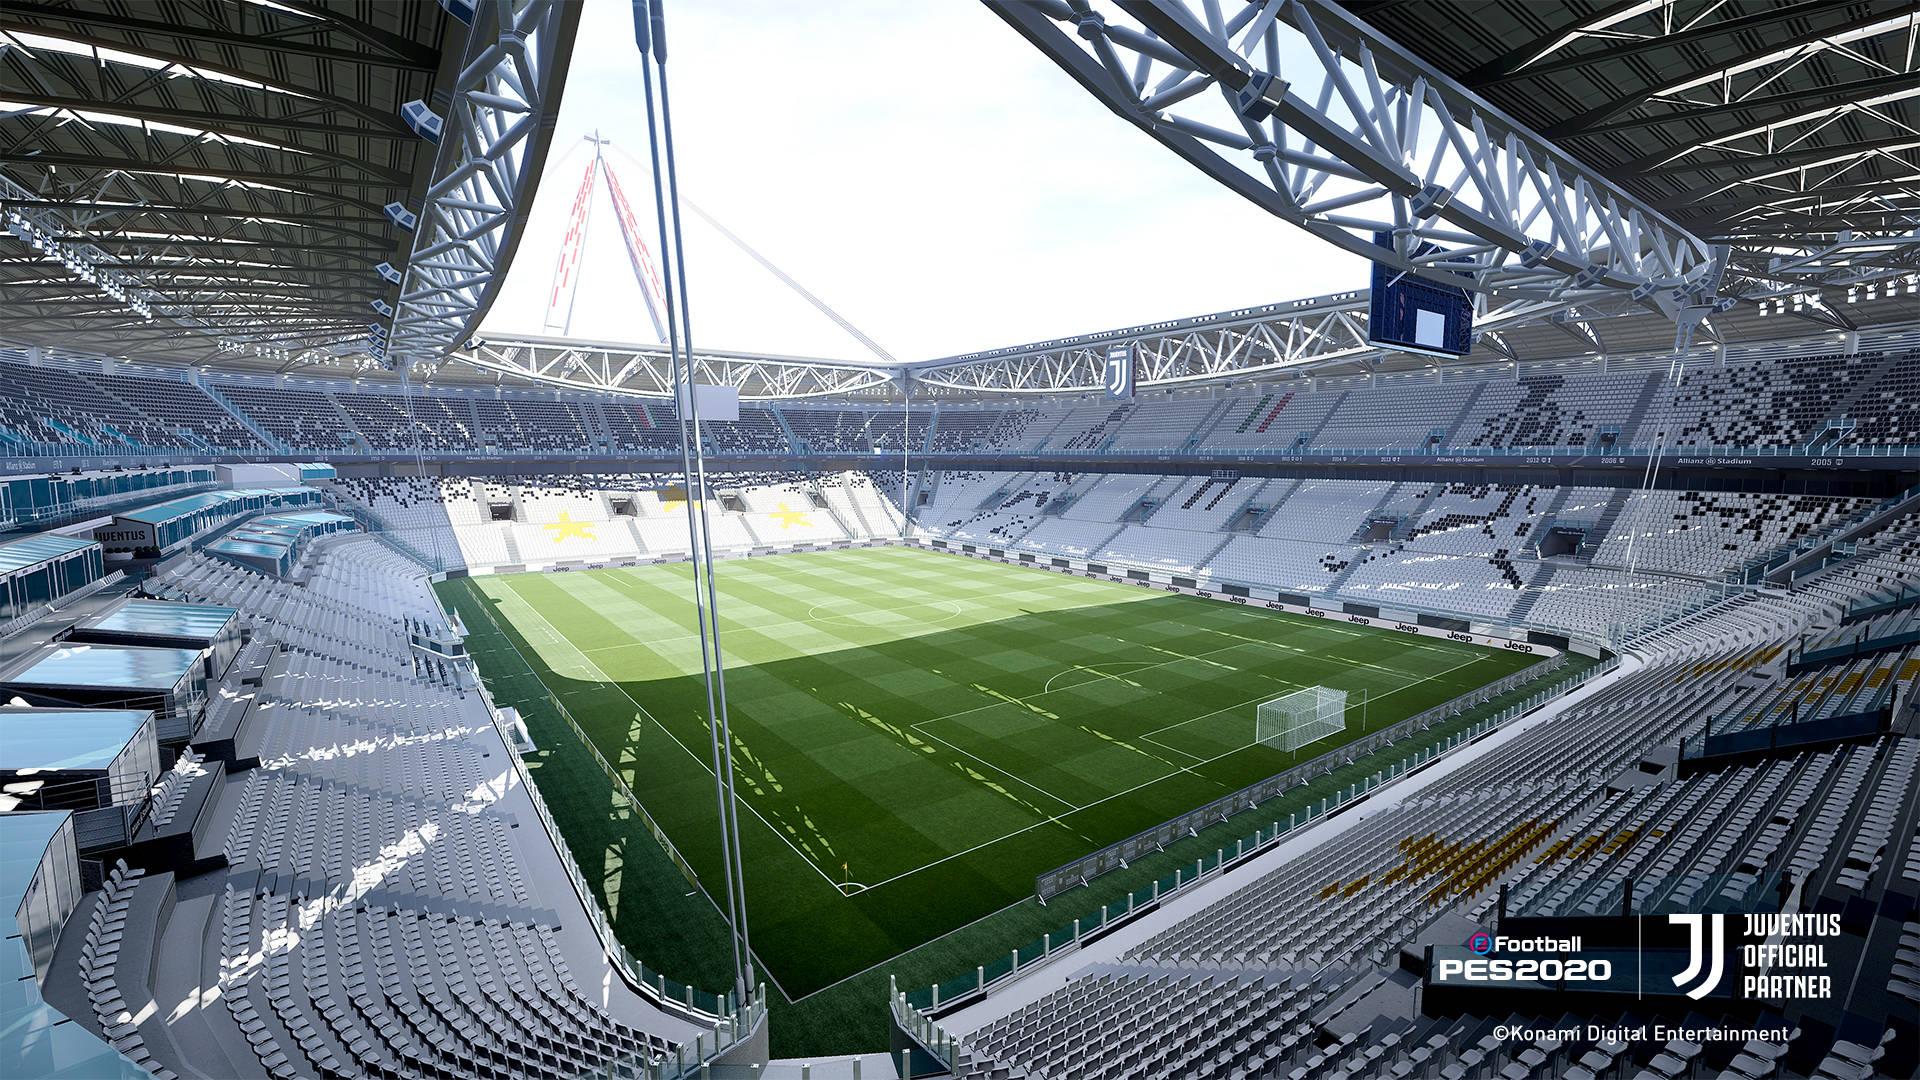 eFootball PES 2020 Juventus